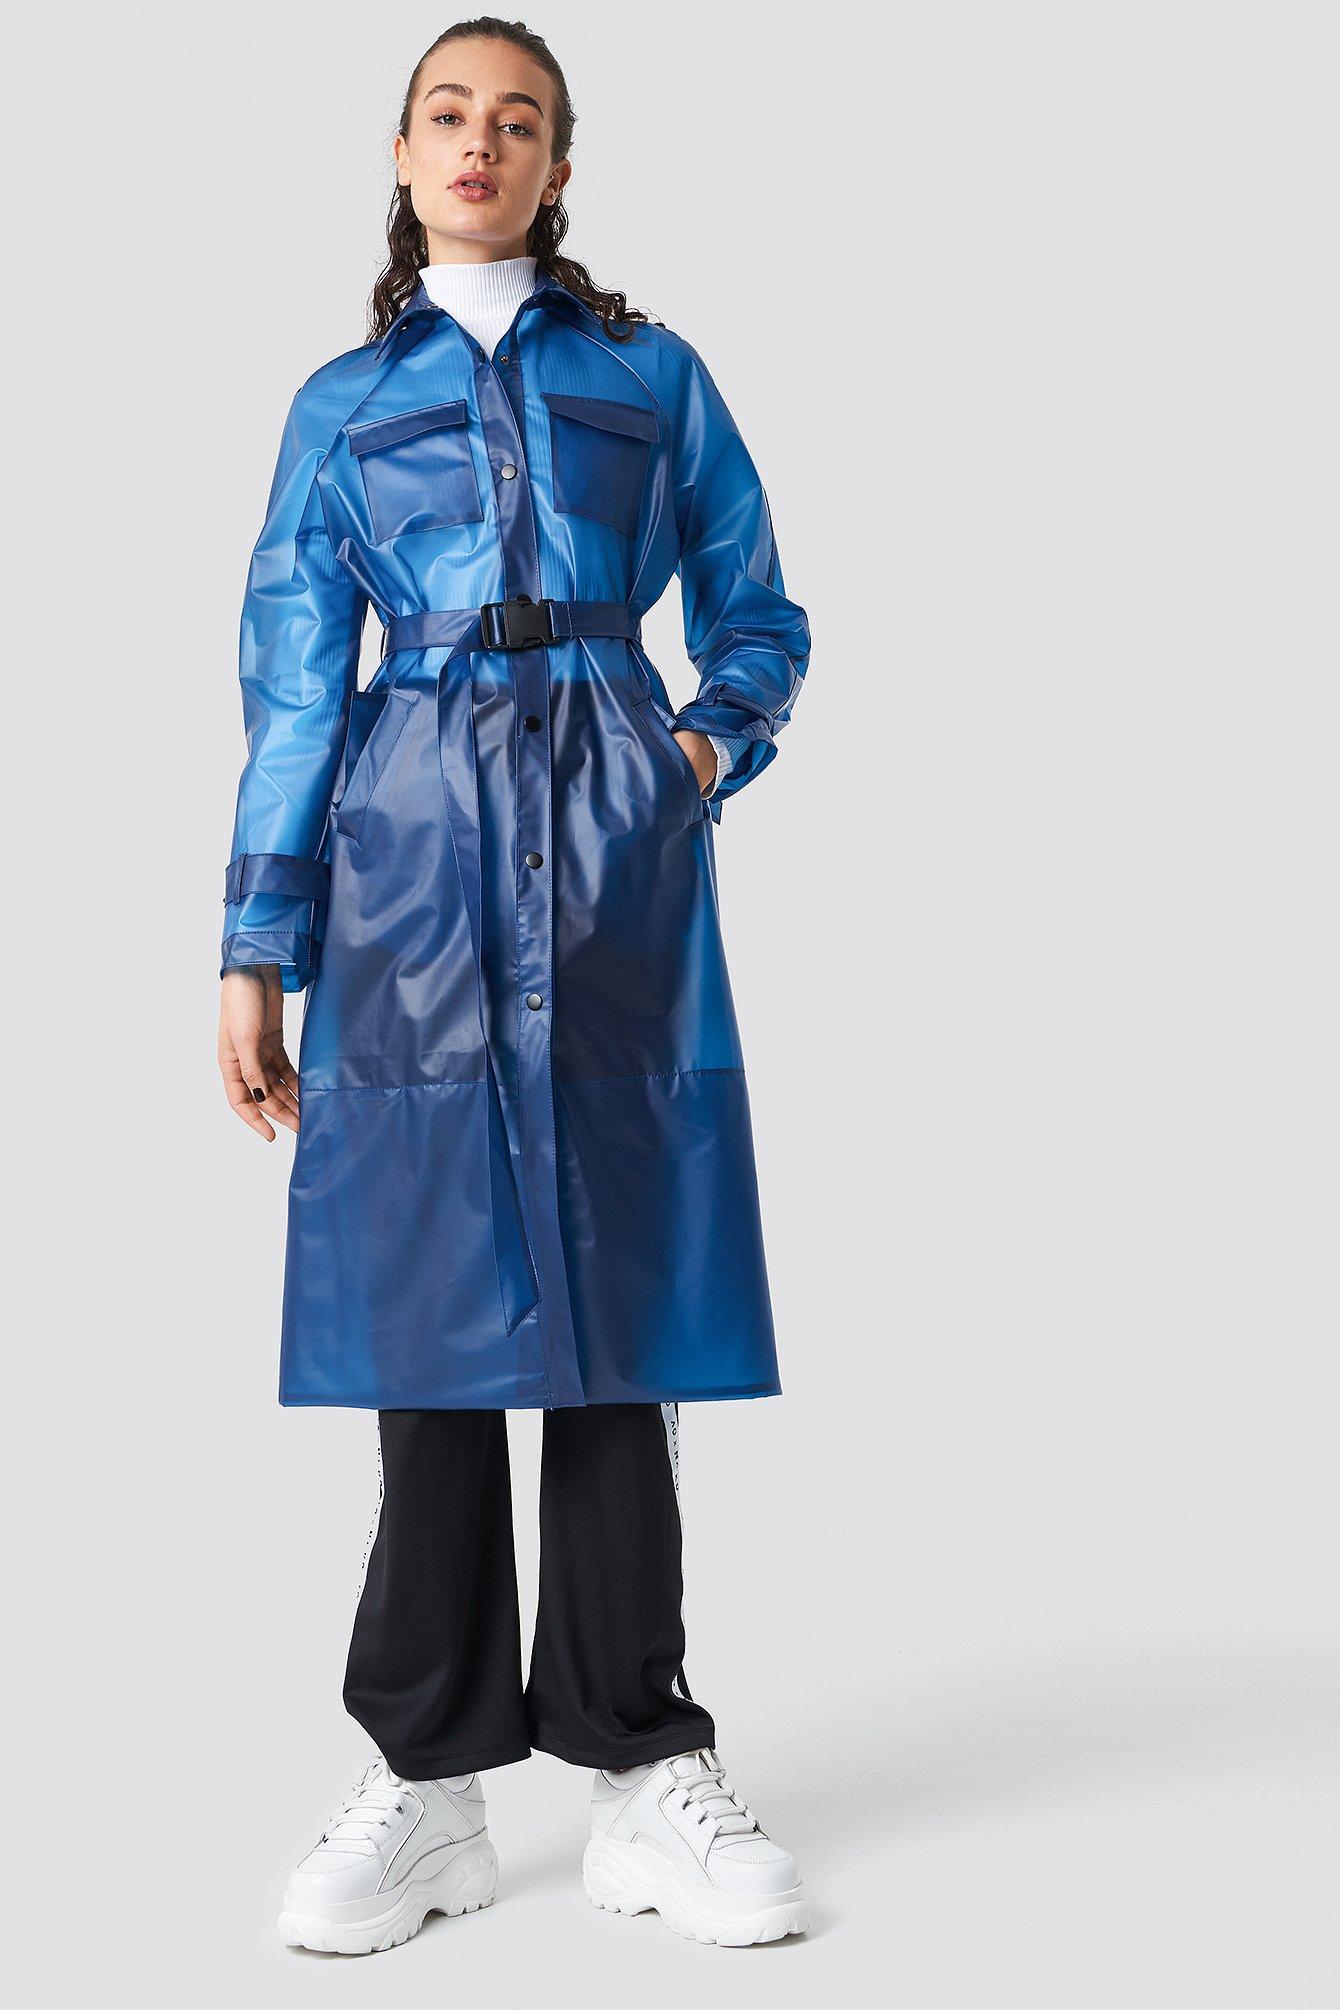 ASTRIDOLSENXNAKD Rain Coat - Blue